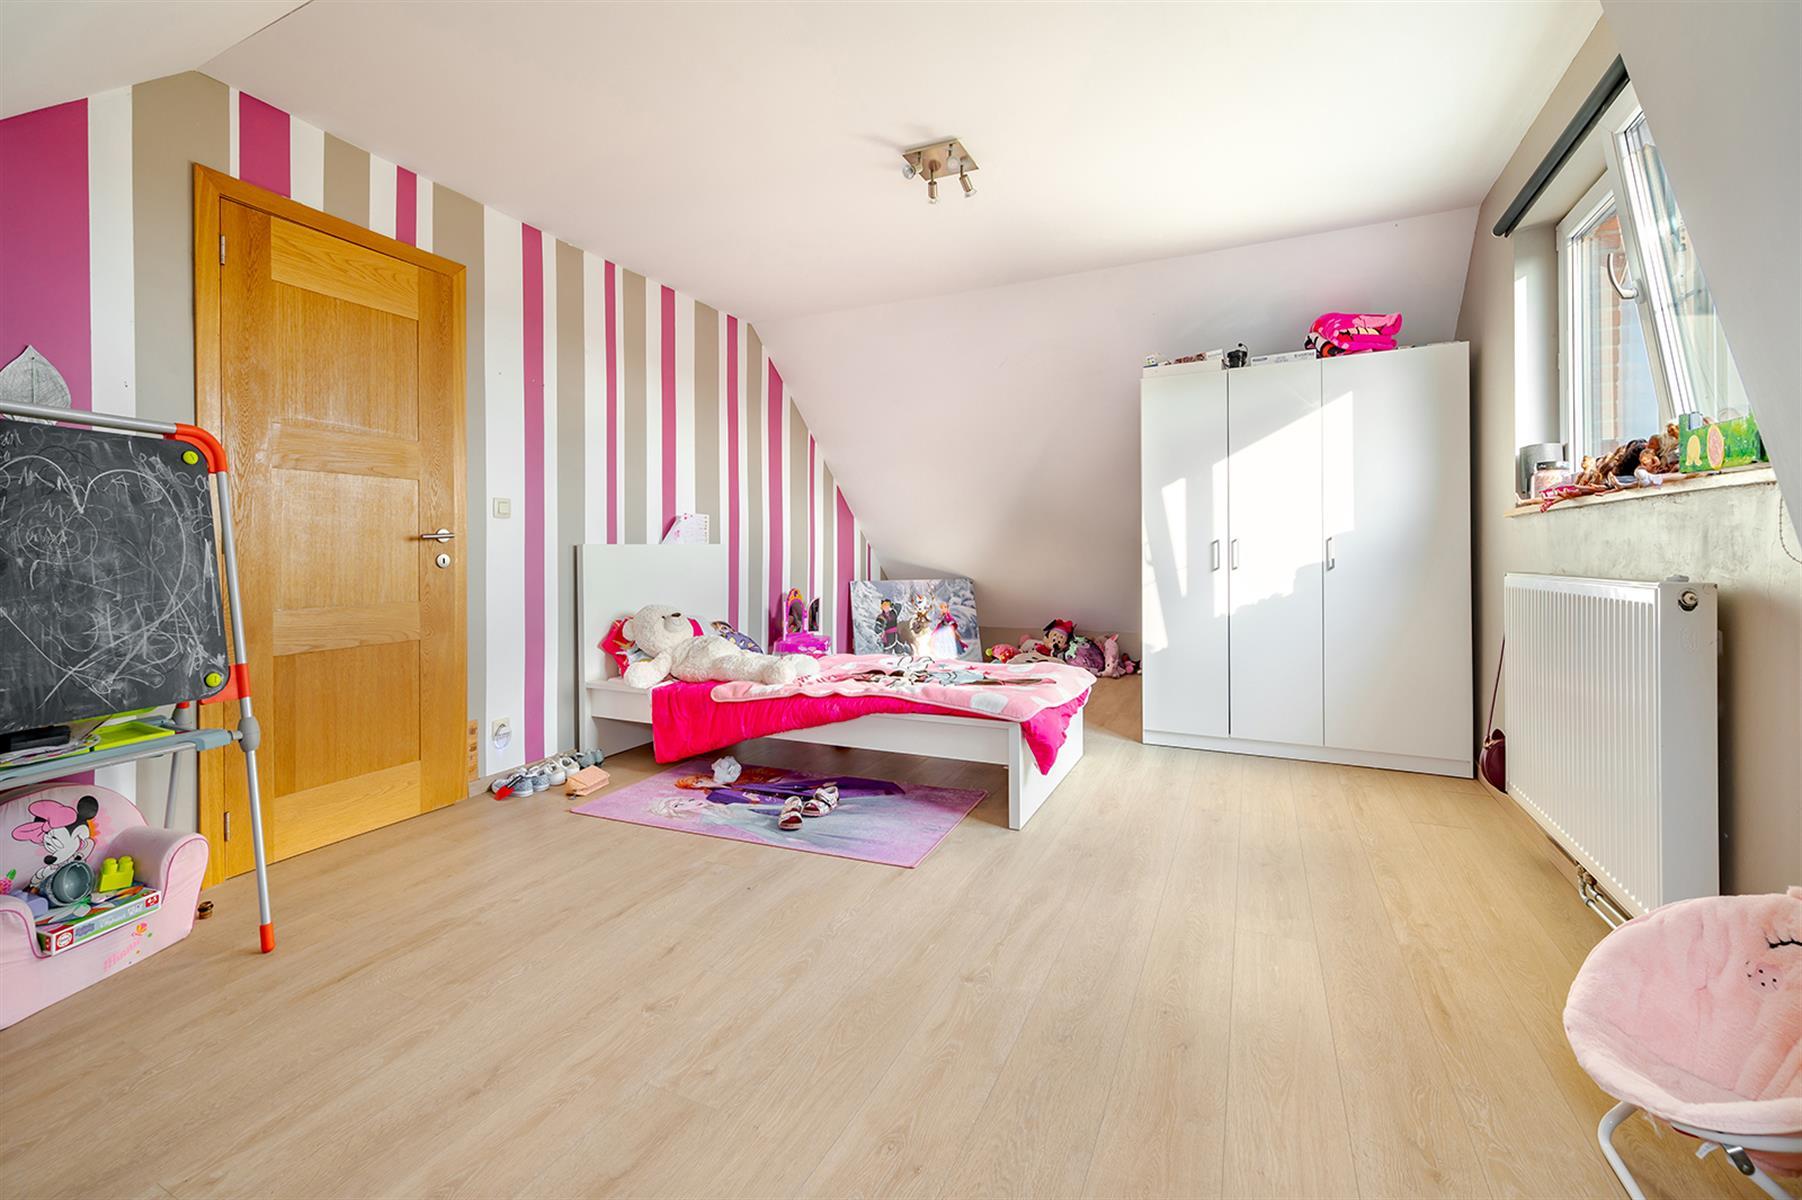 Maison unifamiliale - Villersle-Bouillet - #4412229-9